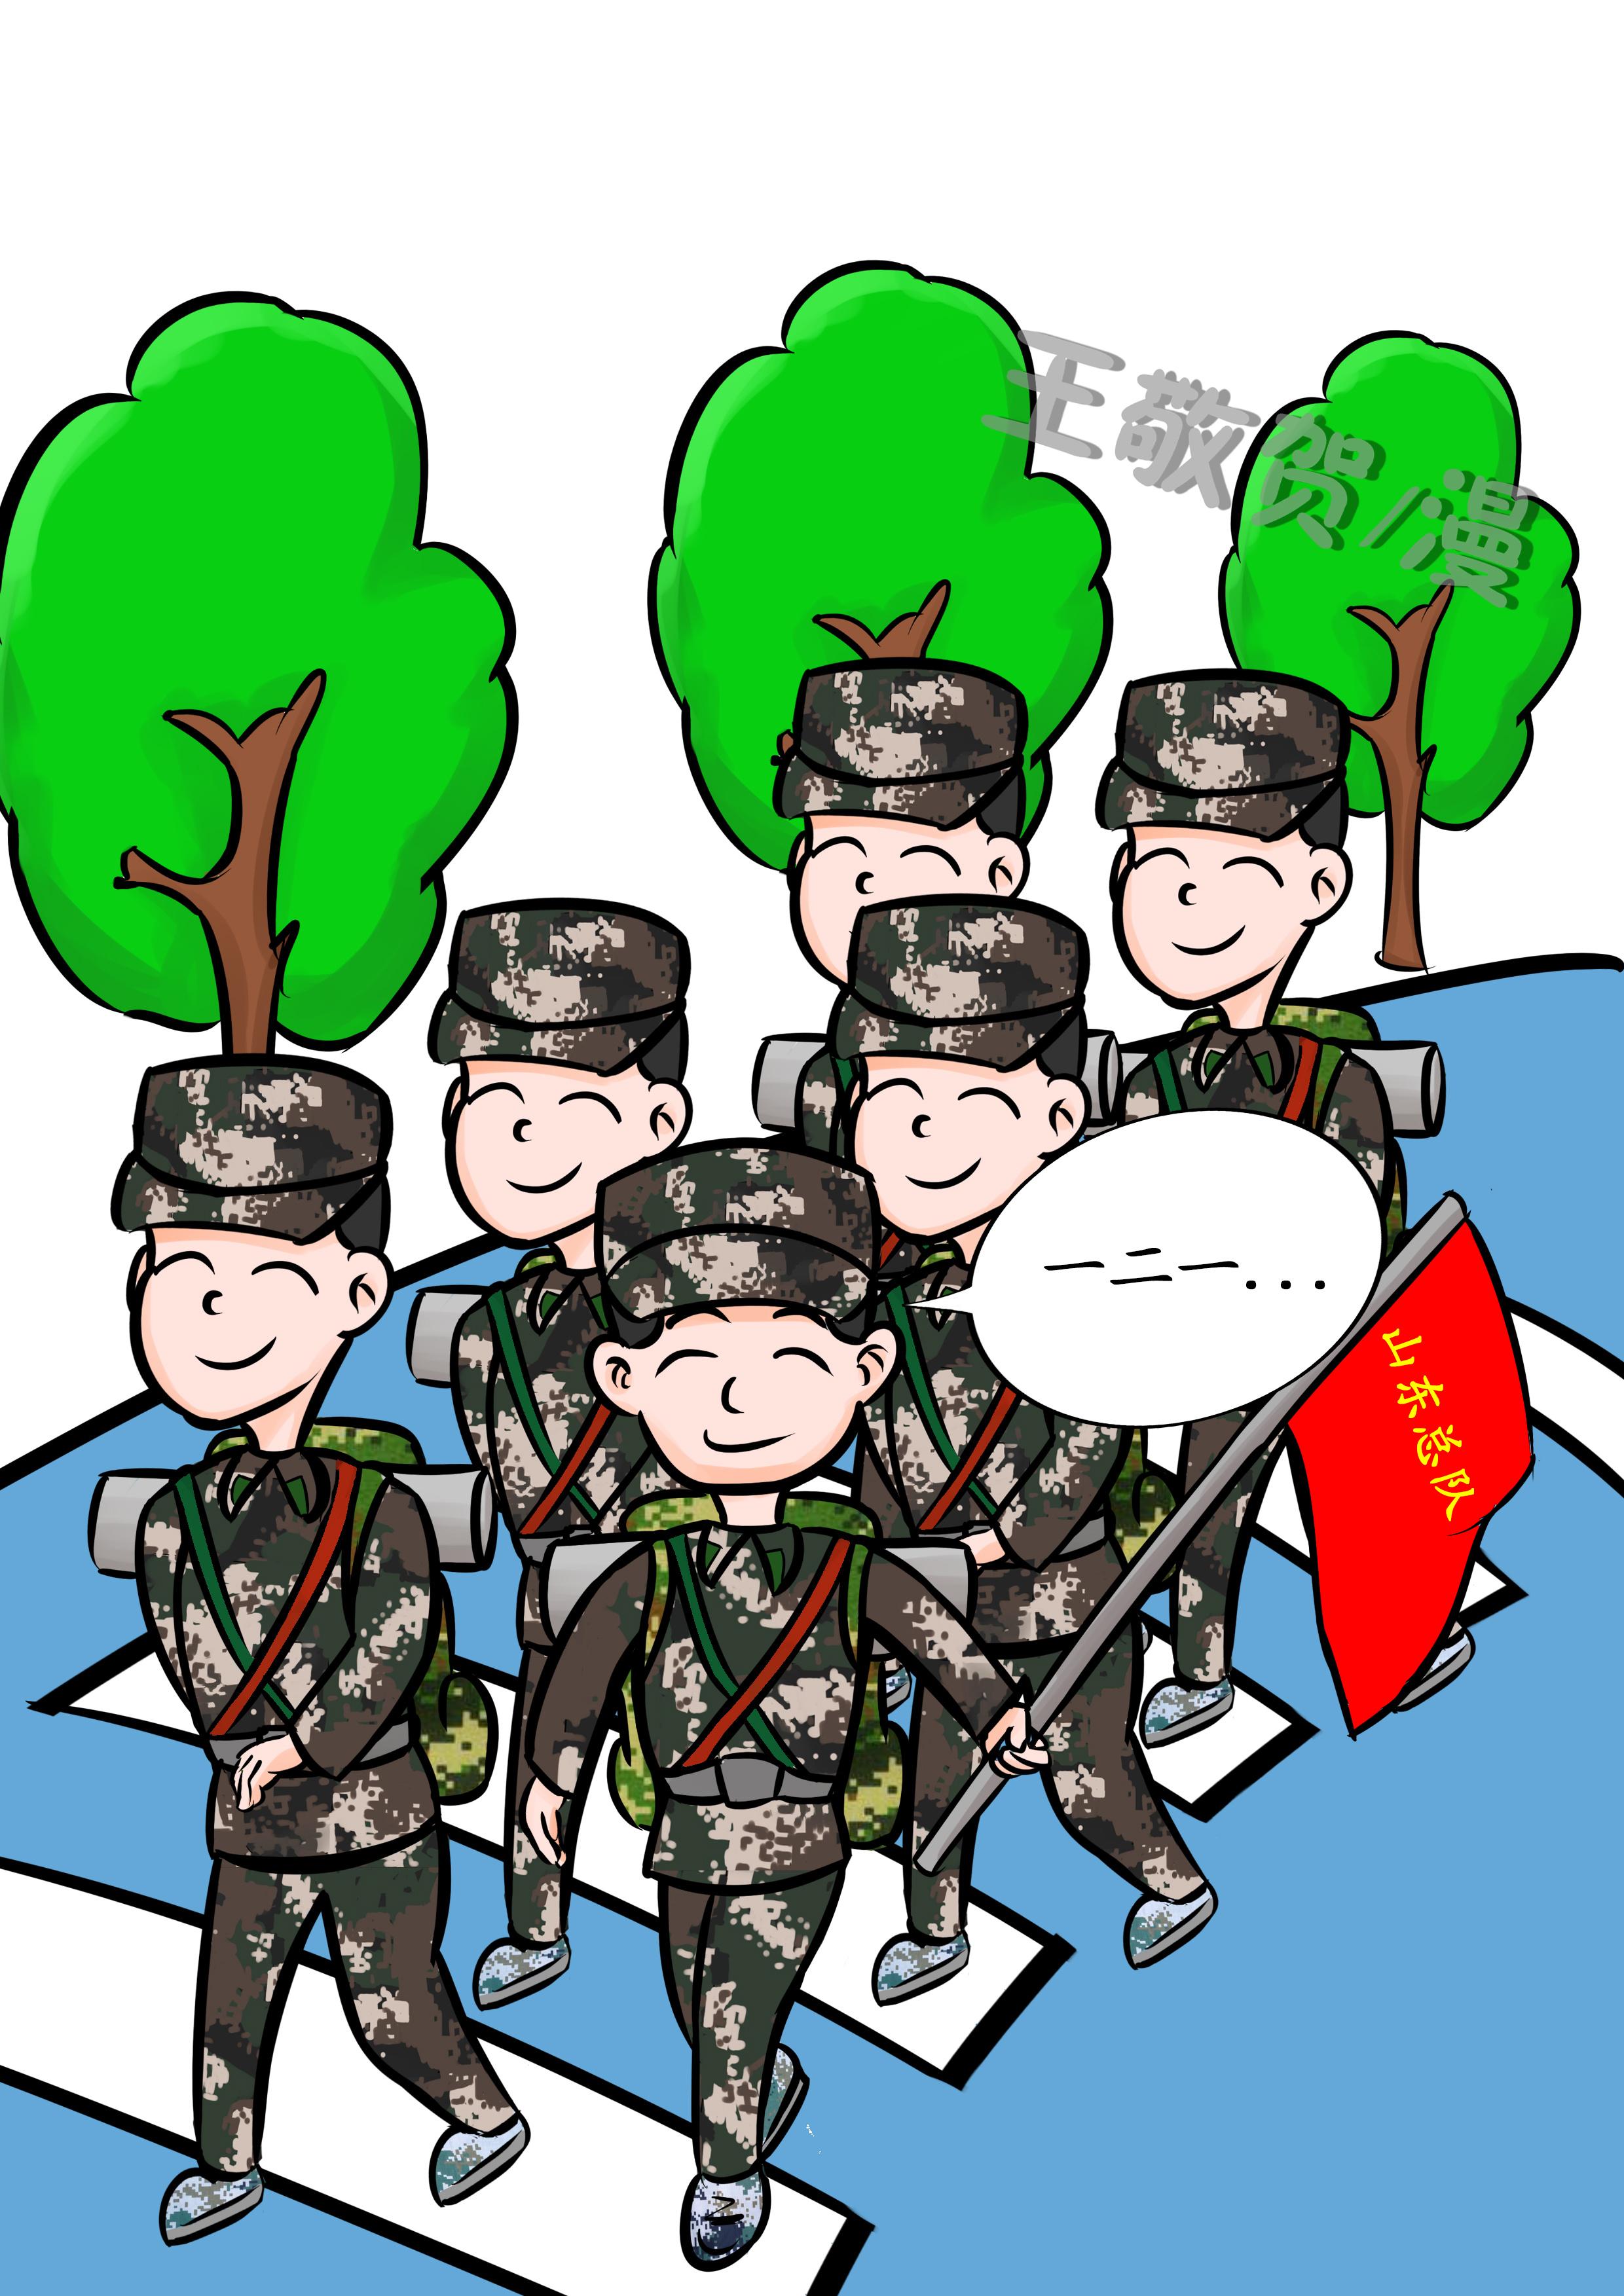 部队拉练系列漫画